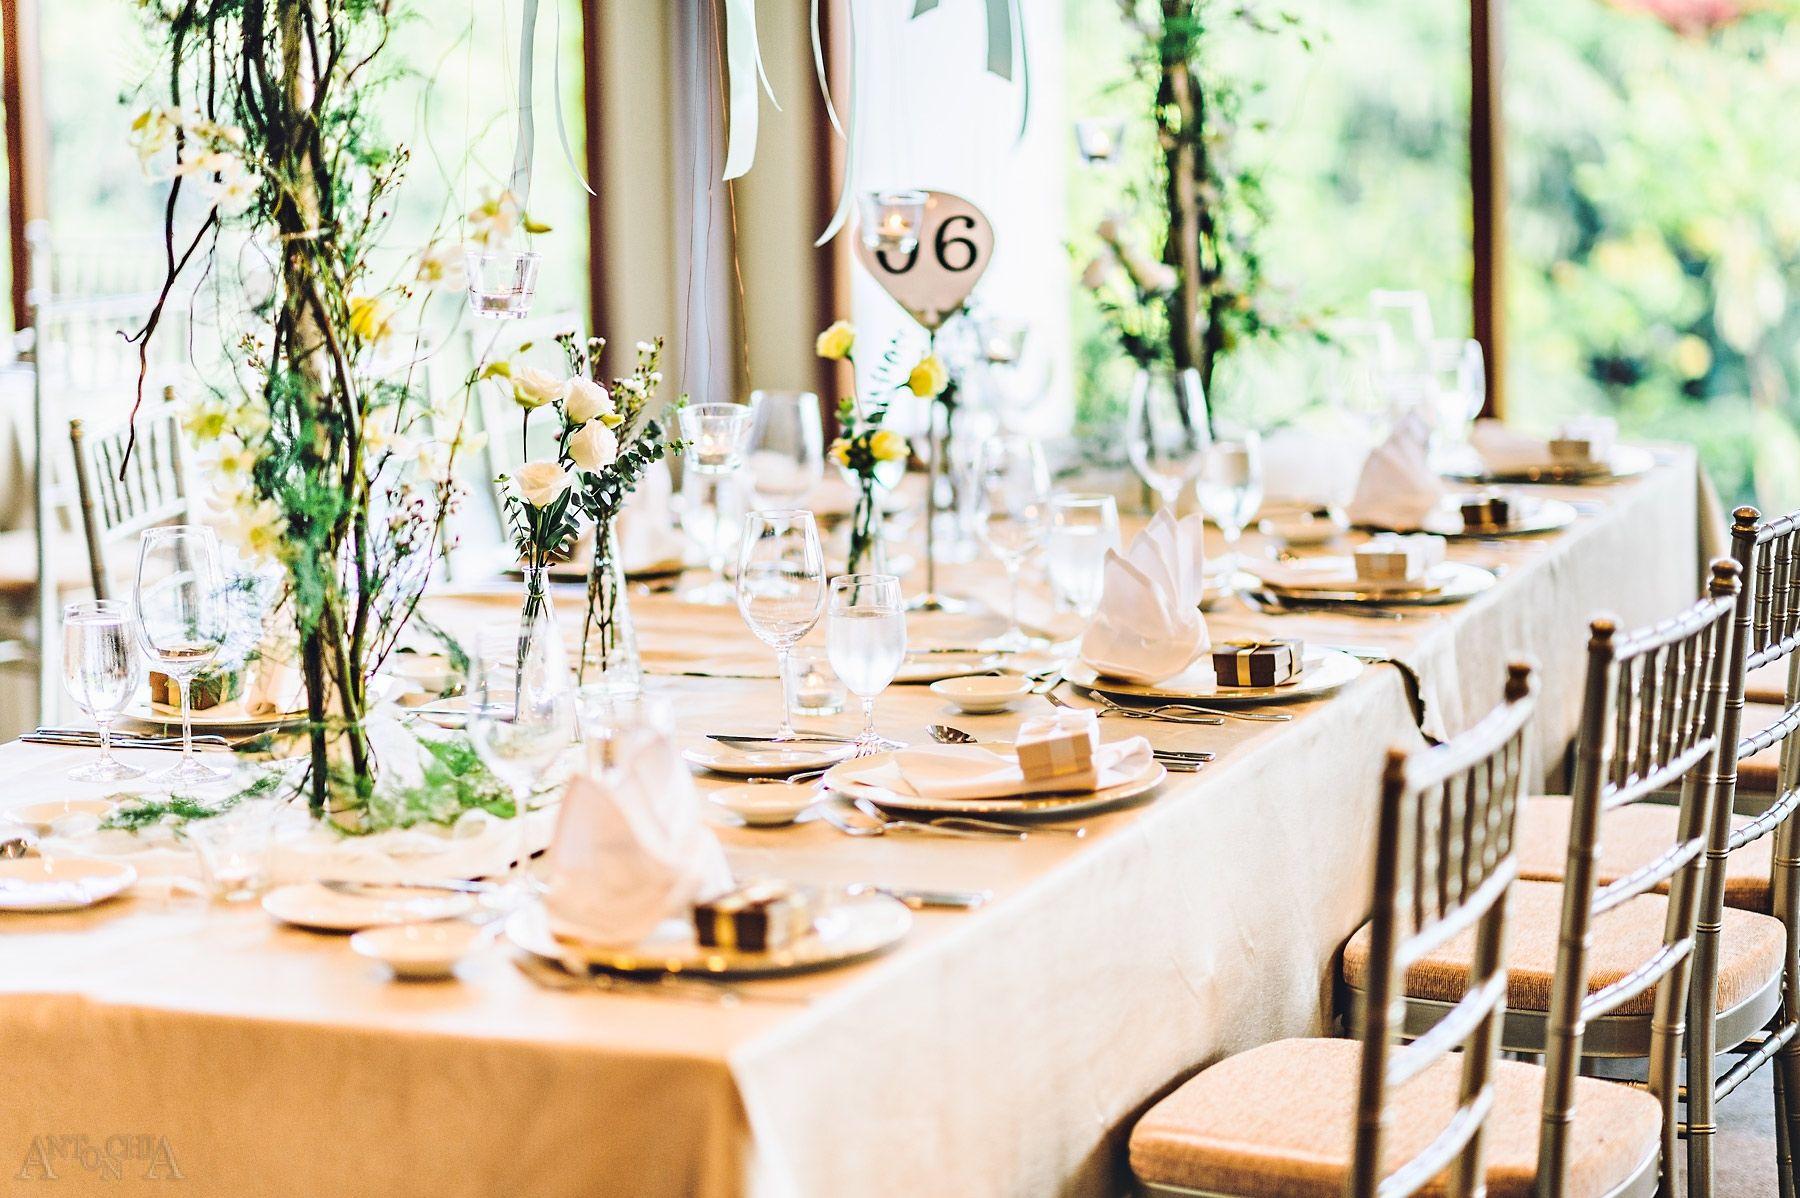 Capella Singapore garden theme wedding table setup | Singapore ...